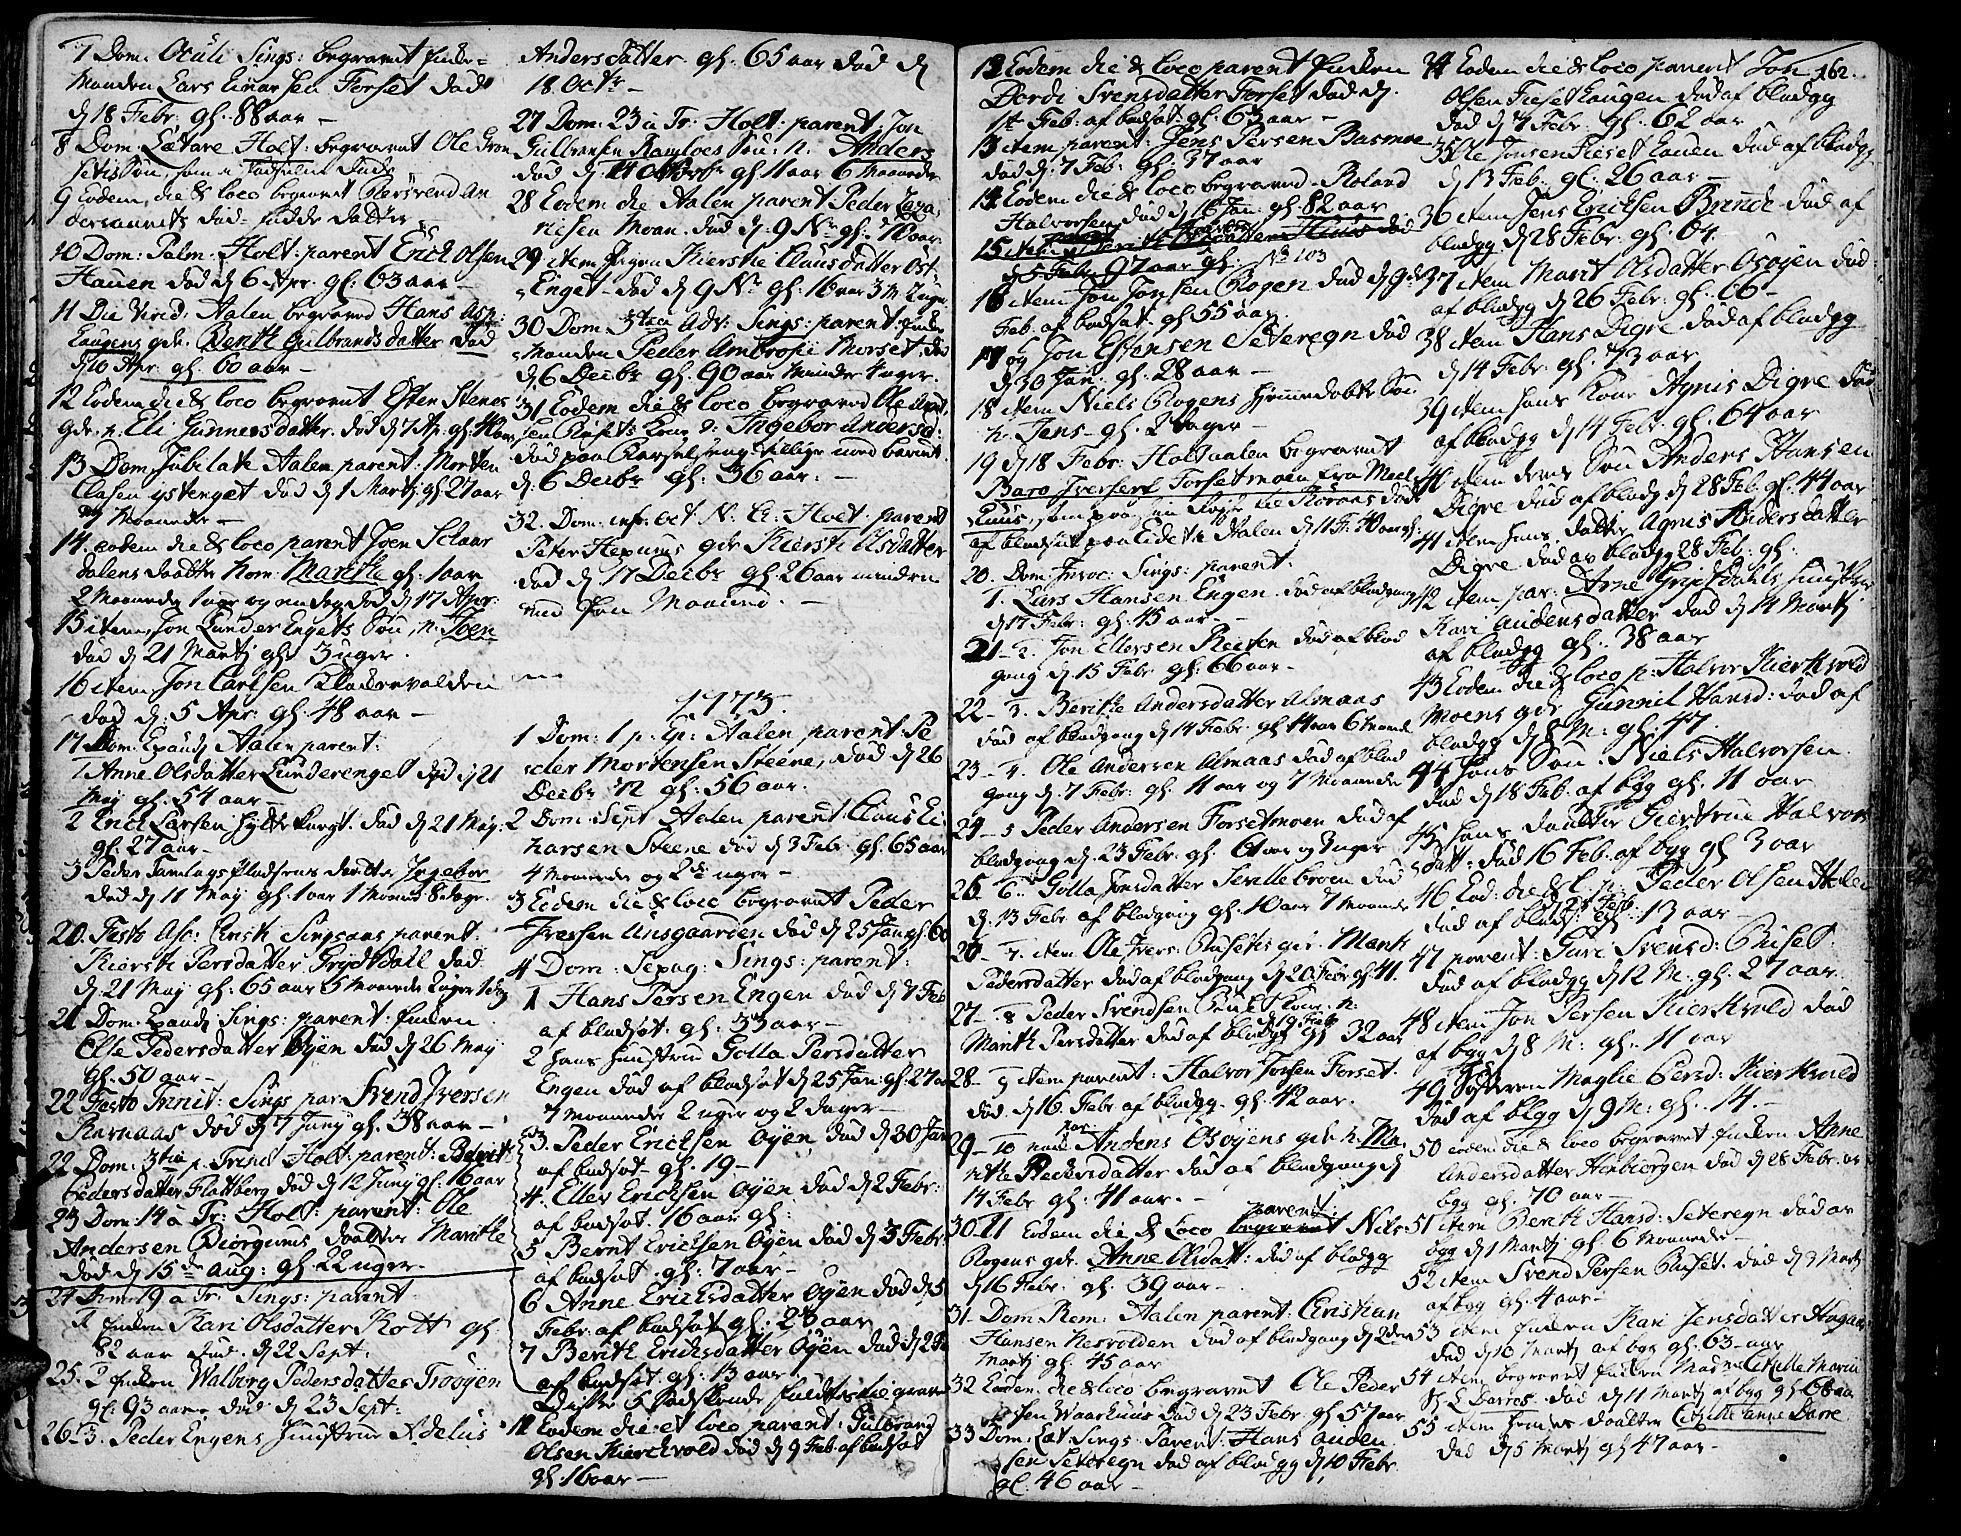 SAT, Ministerialprotokoller, klokkerbøker og fødselsregistre - Sør-Trøndelag, 685/L0952: Ministerialbok nr. 685A01, 1745-1804, s. 162